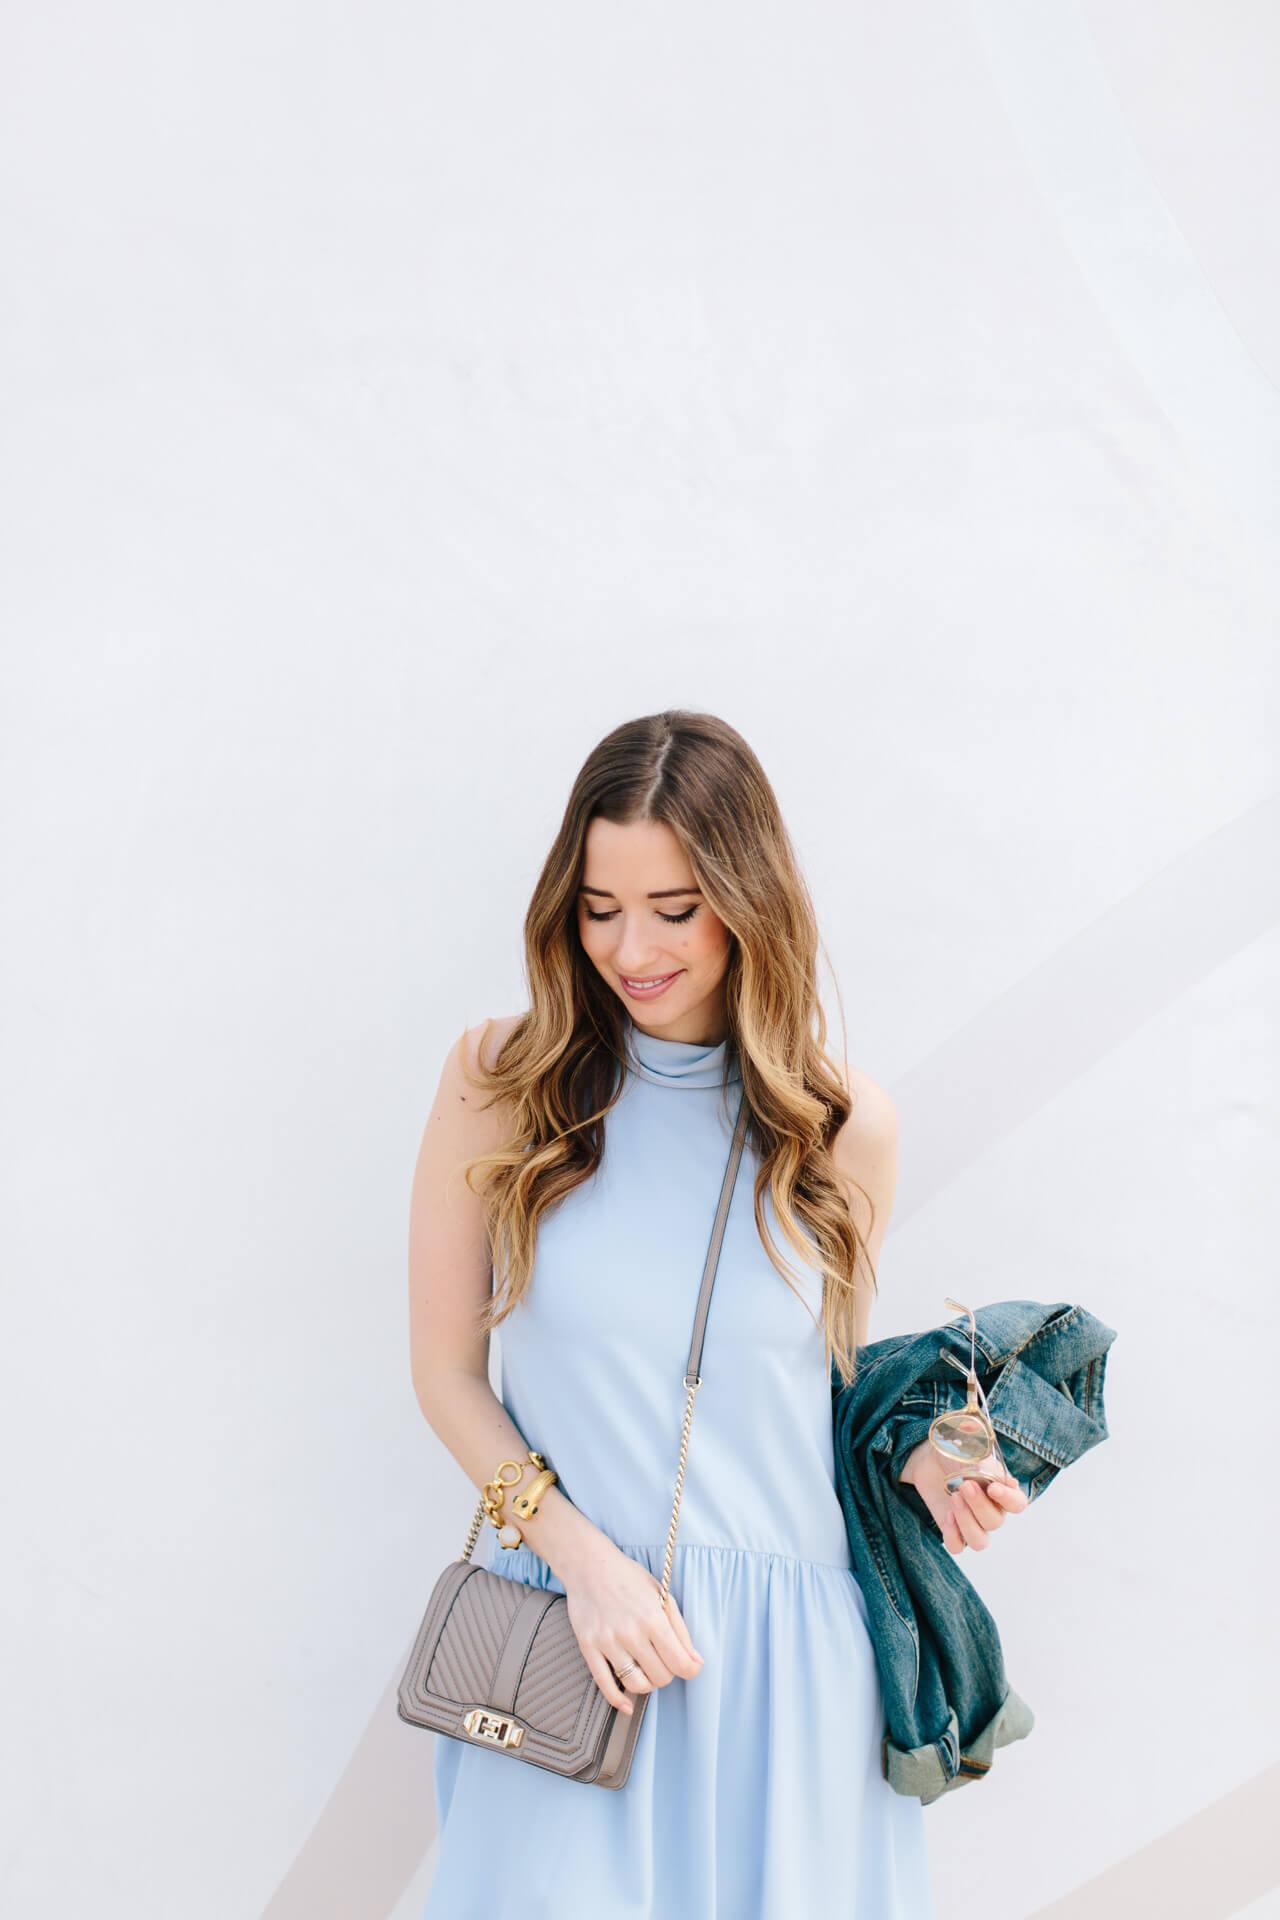 sleeveless blue dress with flowy hem